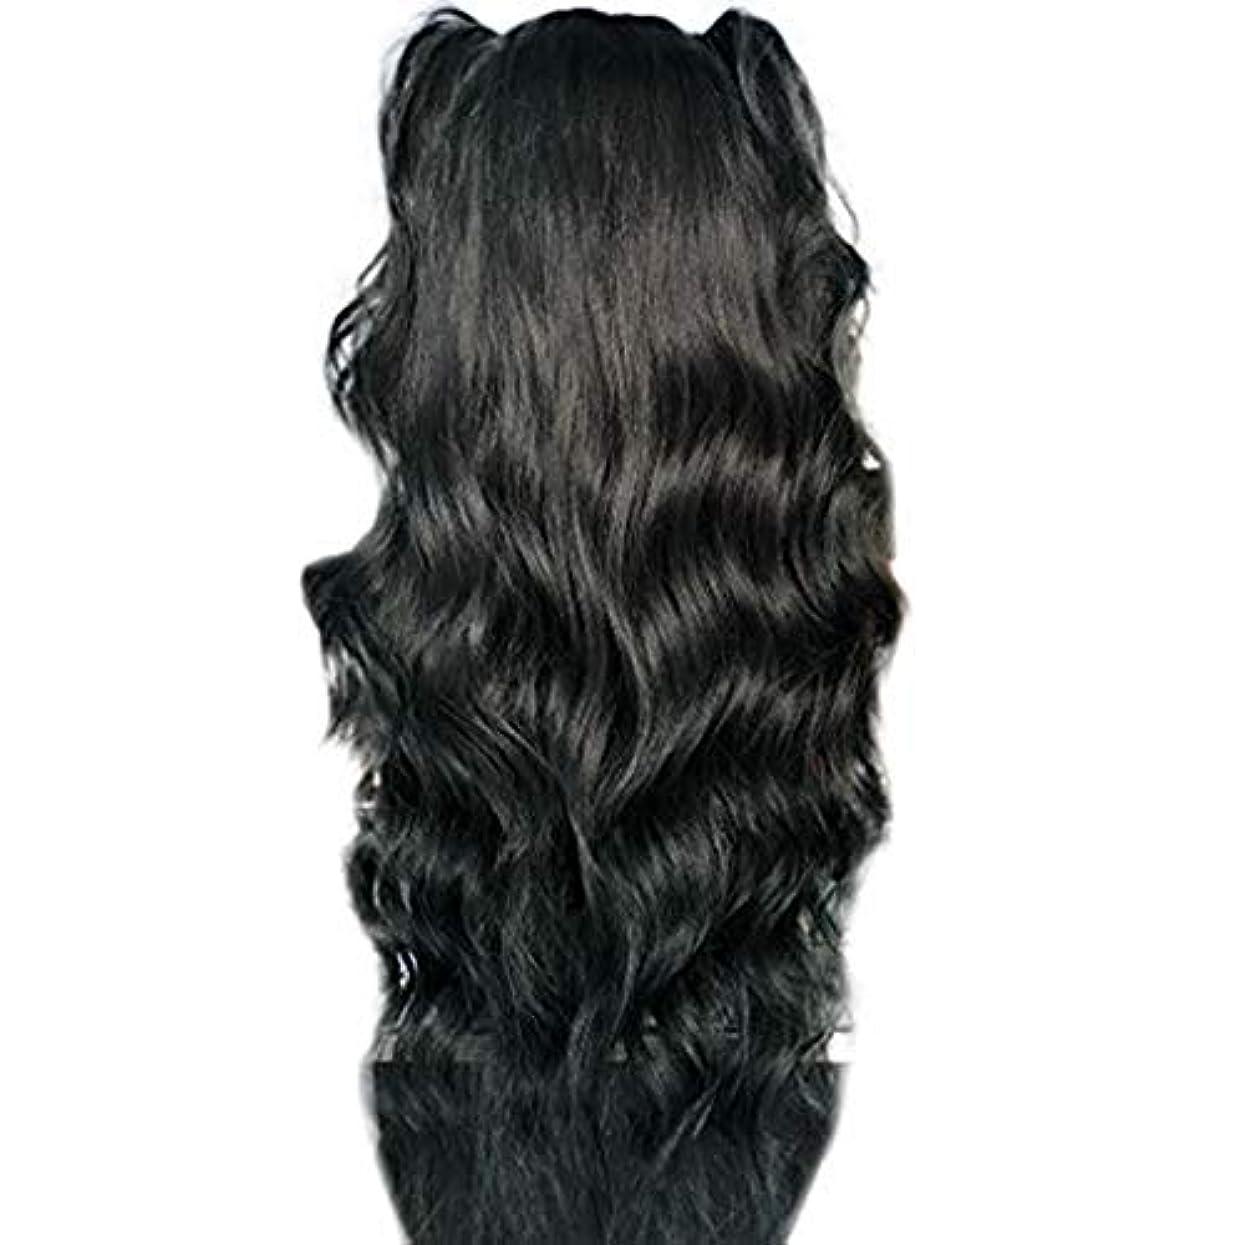 かつら女性長い巻き毛の化学繊維高温シルクフロントレースかつら26インチ